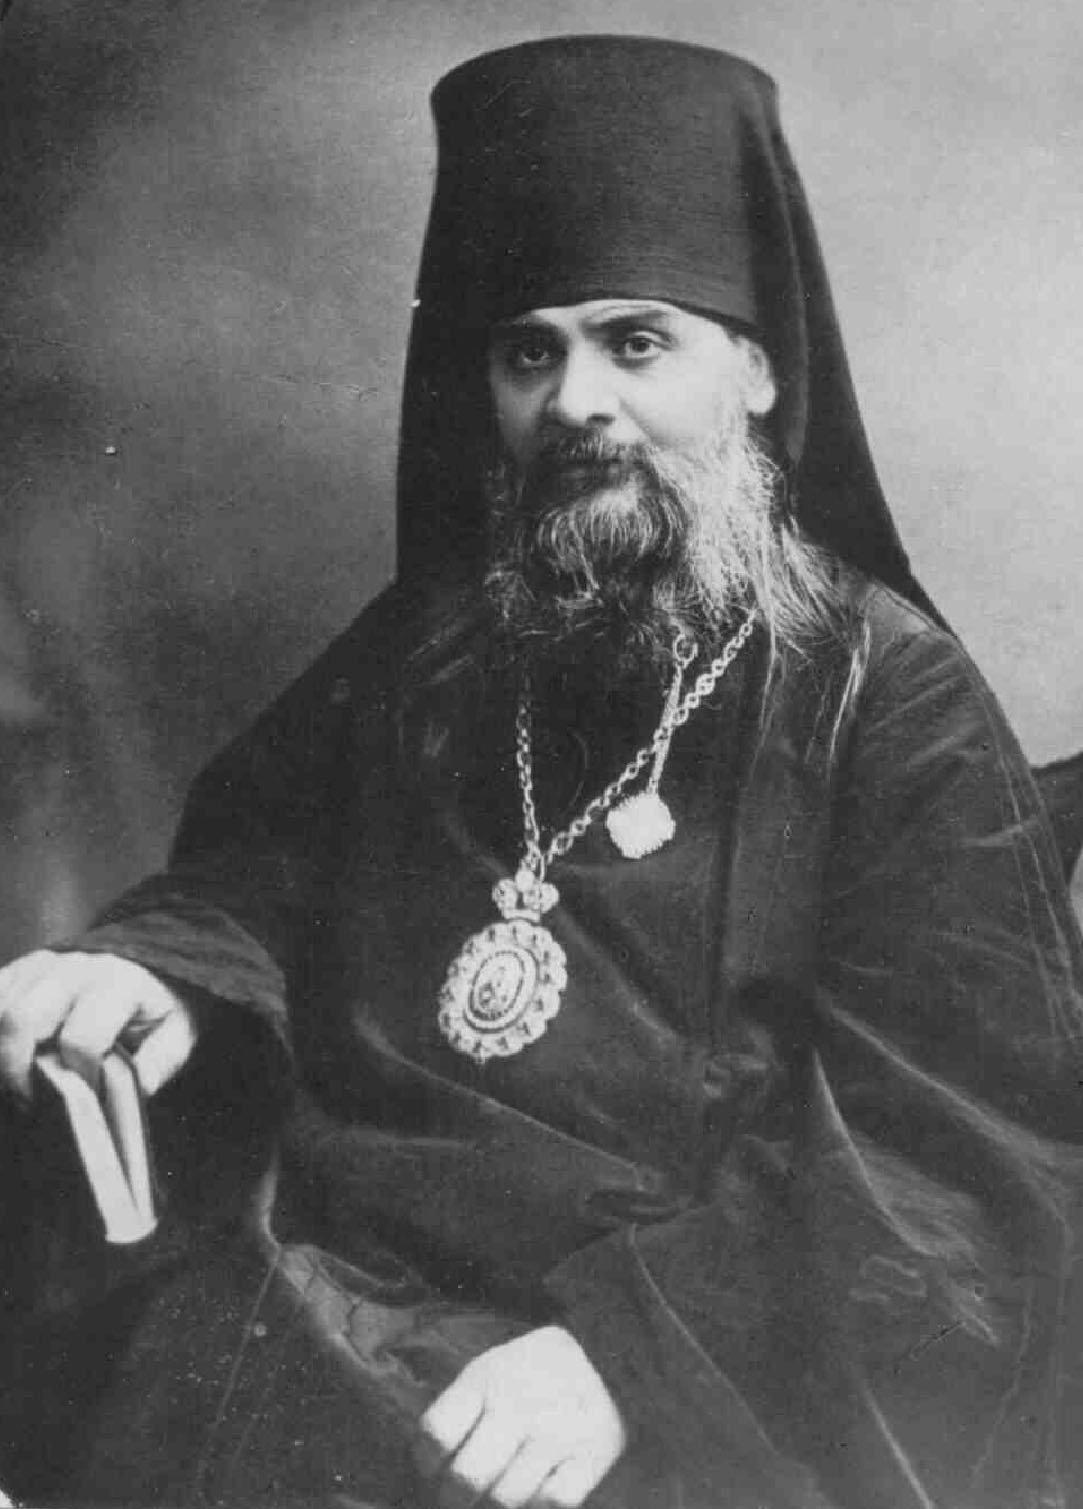 Imagini pentru епископ гермоген